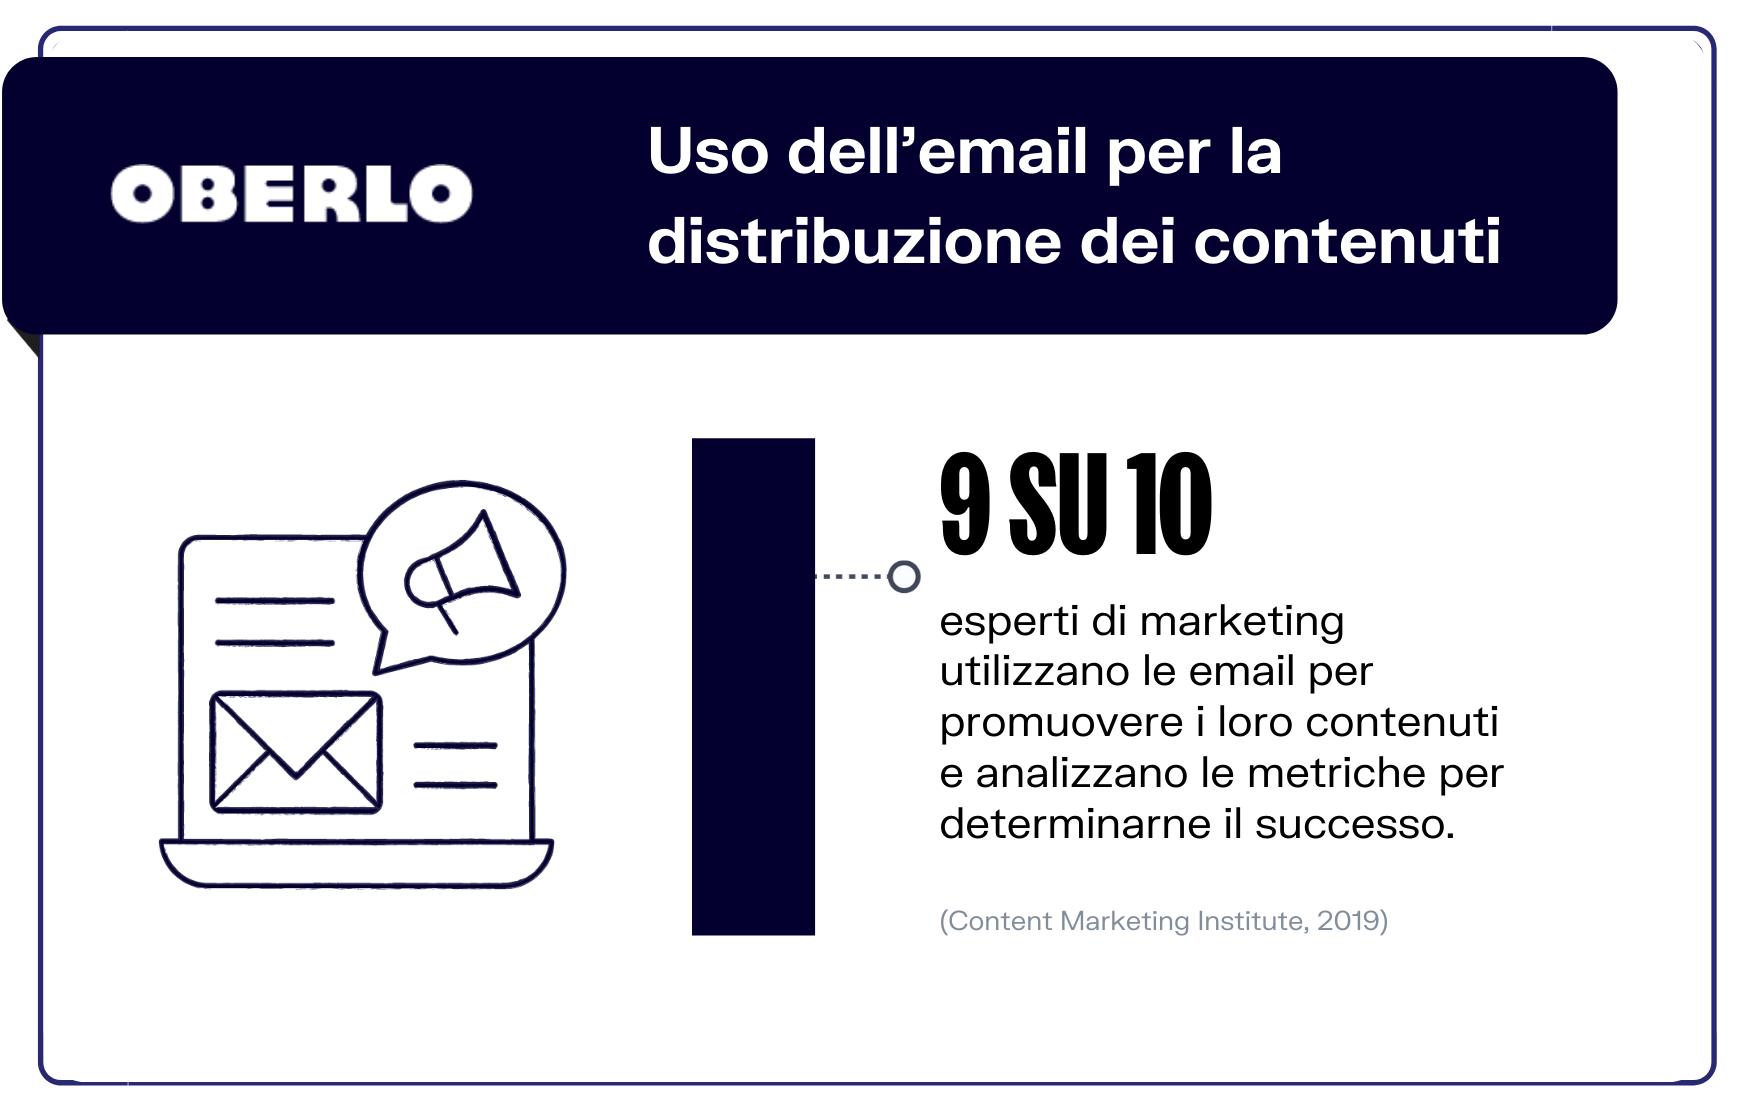 statistiche email marketing contenuti